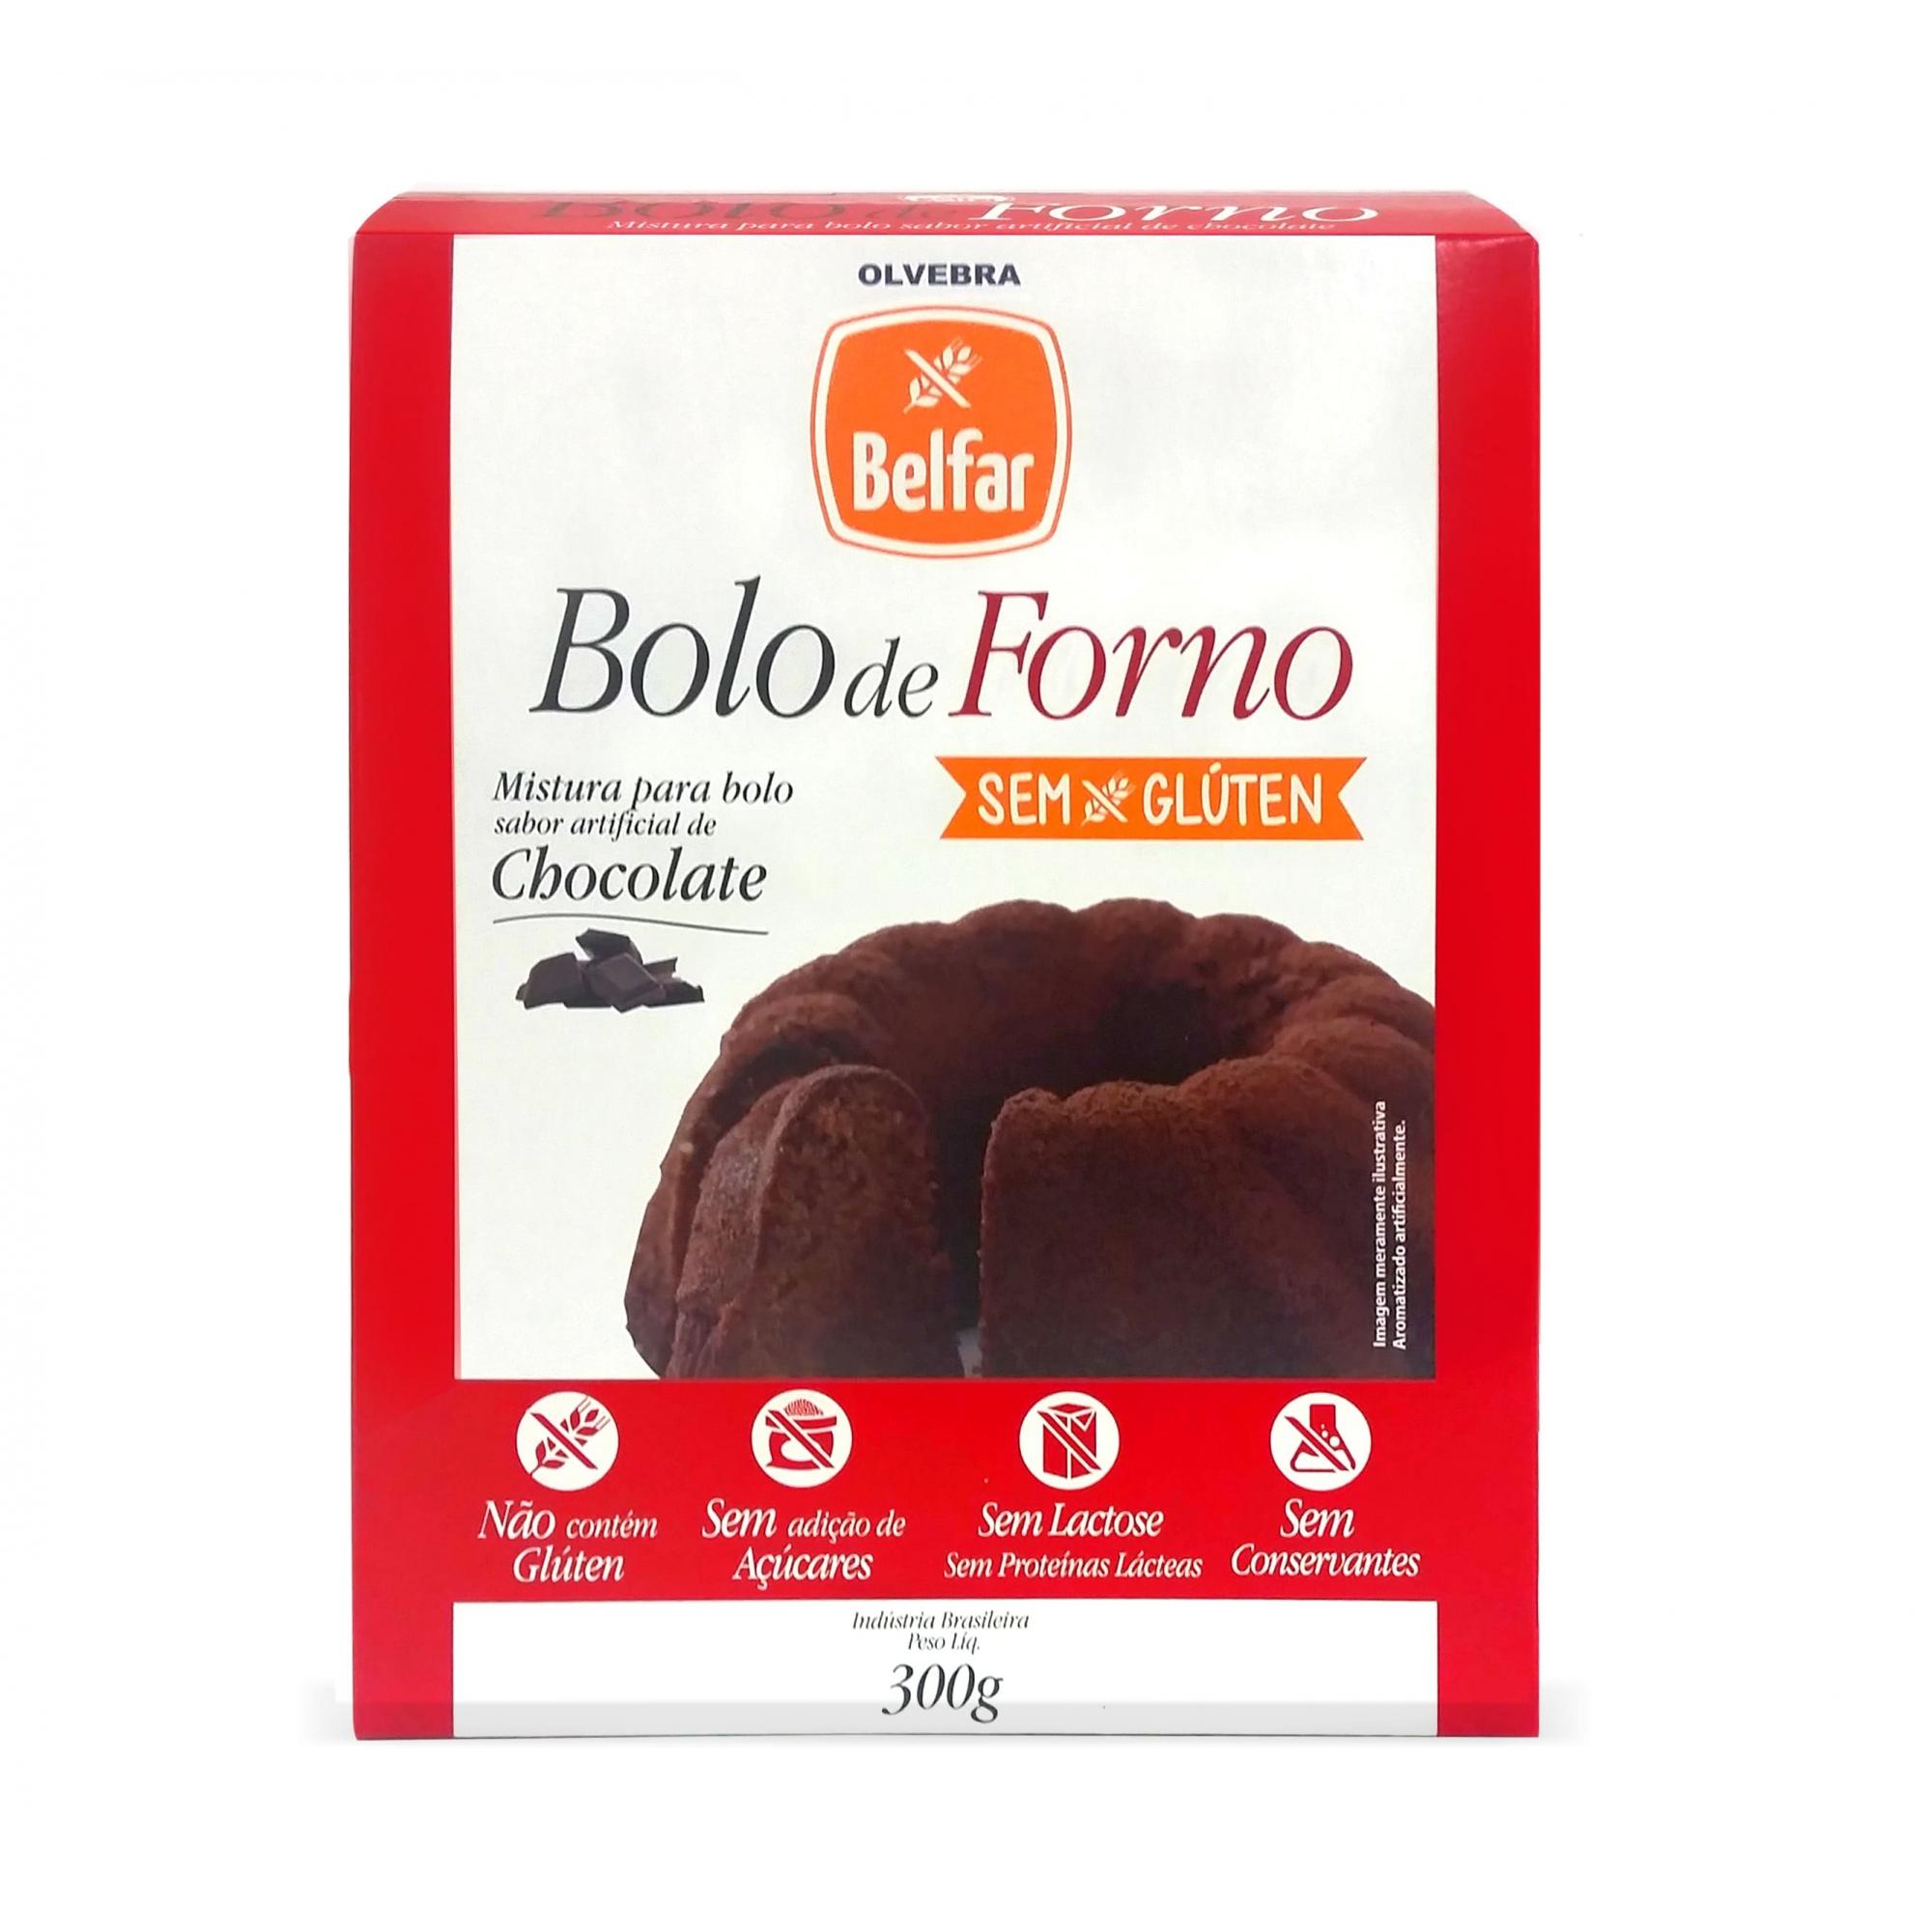 Bolo de Forno Belfar sabor Chocolate 300g